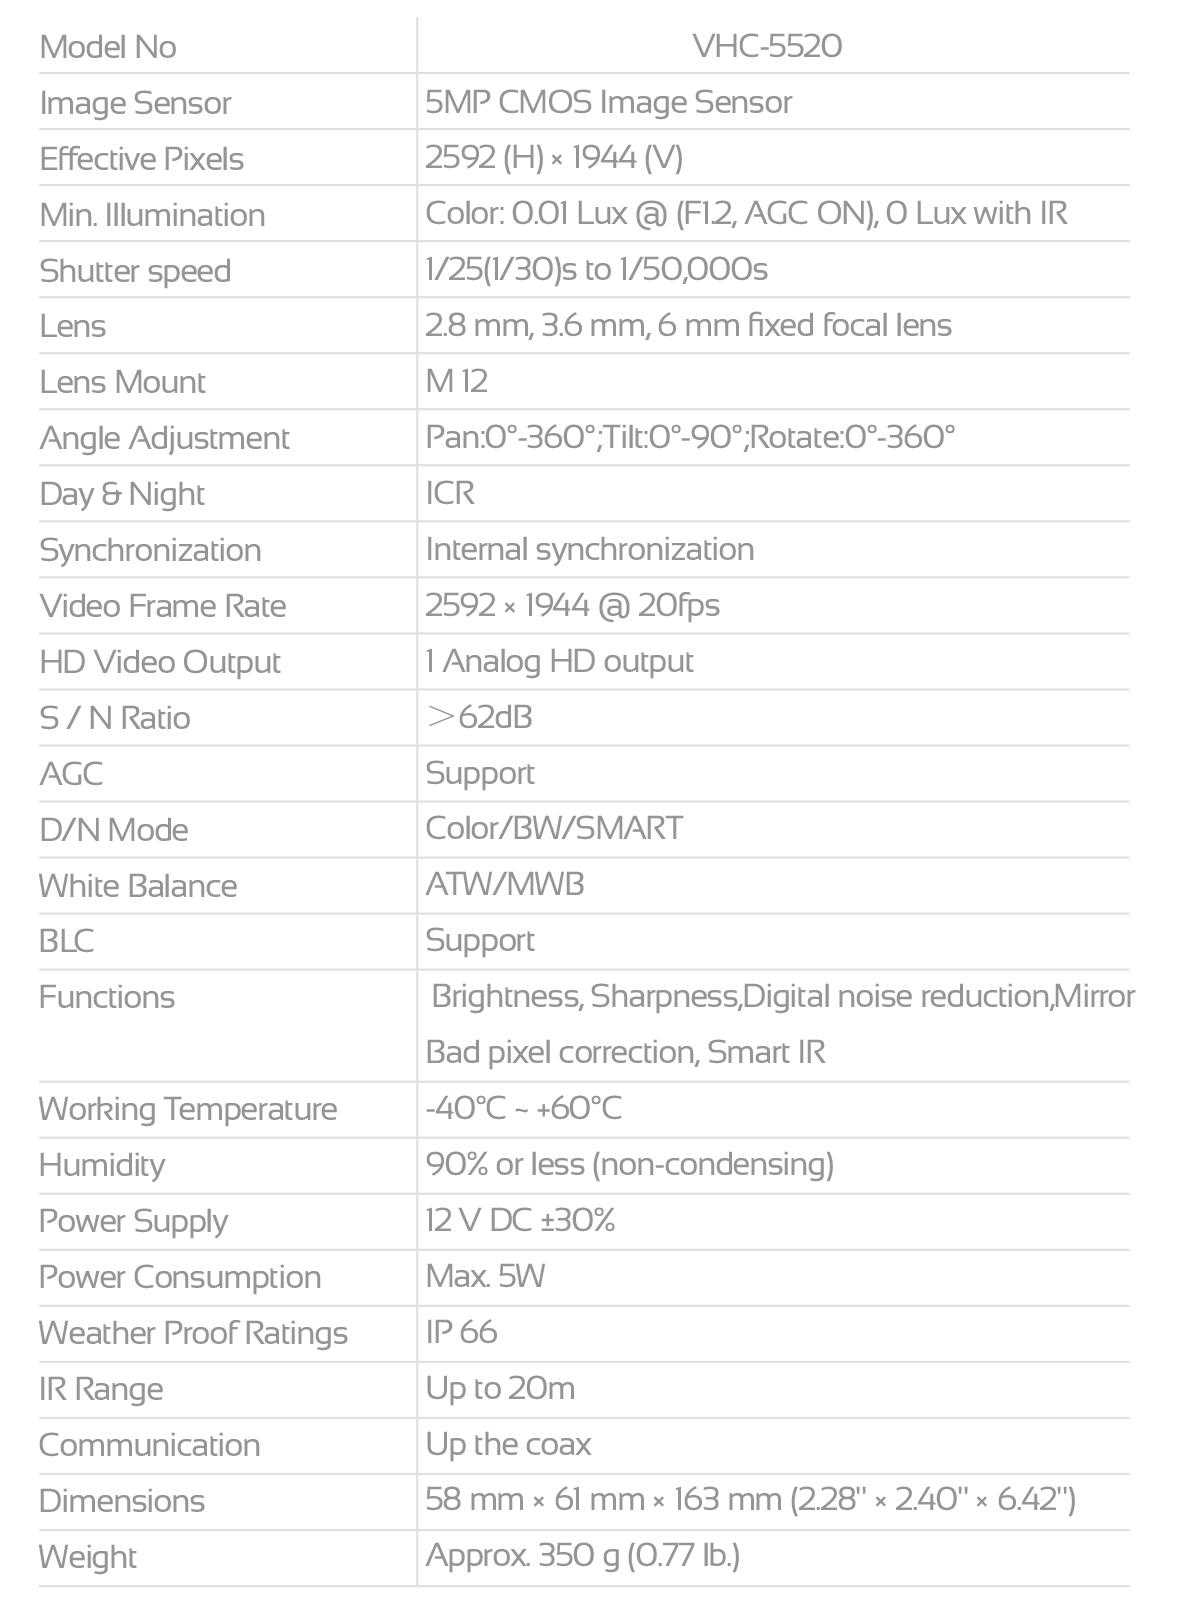 VERTINA-VHC-5520-data VHC-5520